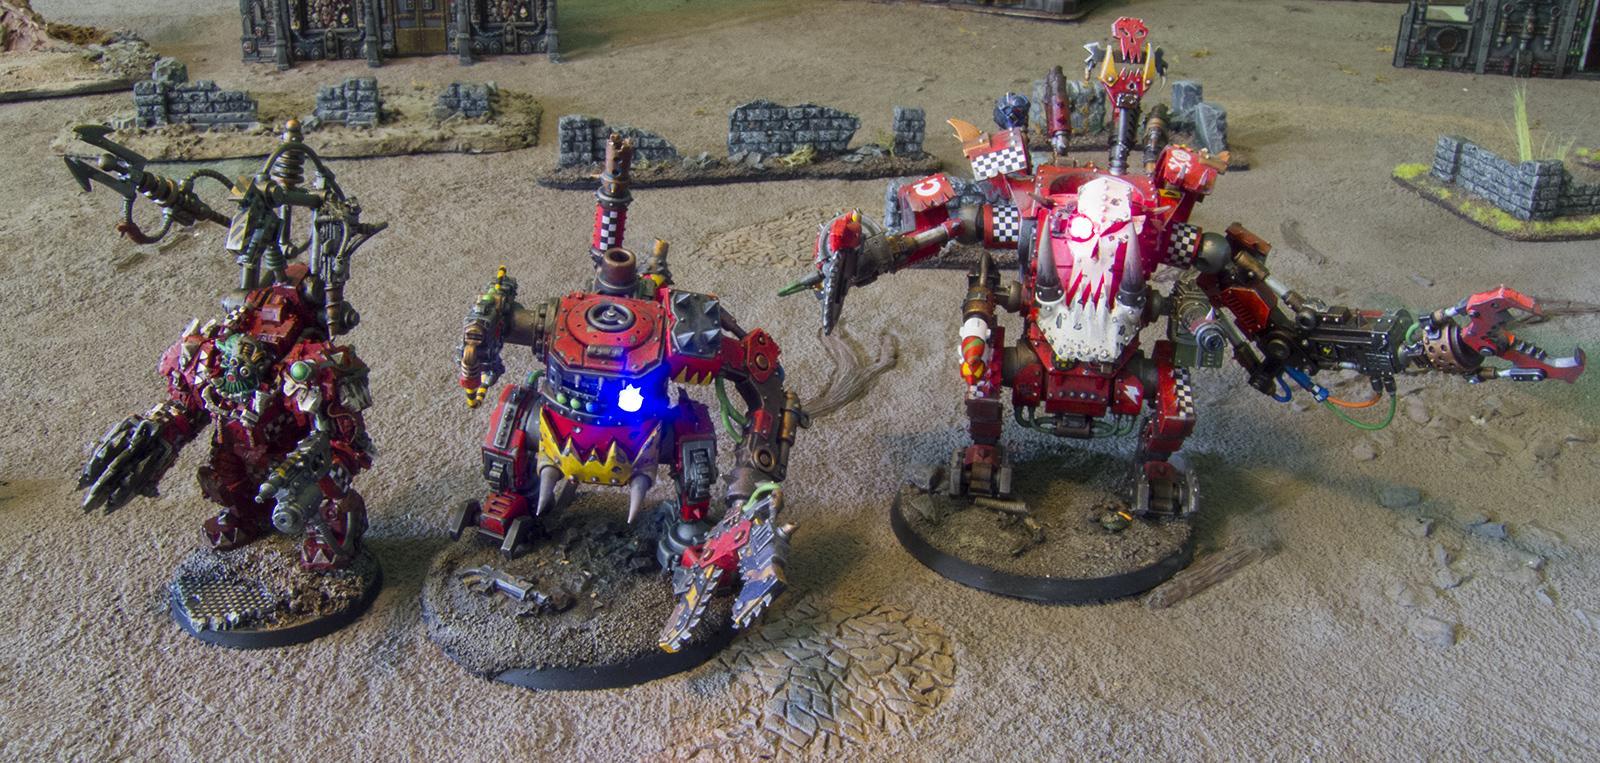 Big Mek, Conversion, Kromlech, Manz, Mega Armor, Mekboy, Orks